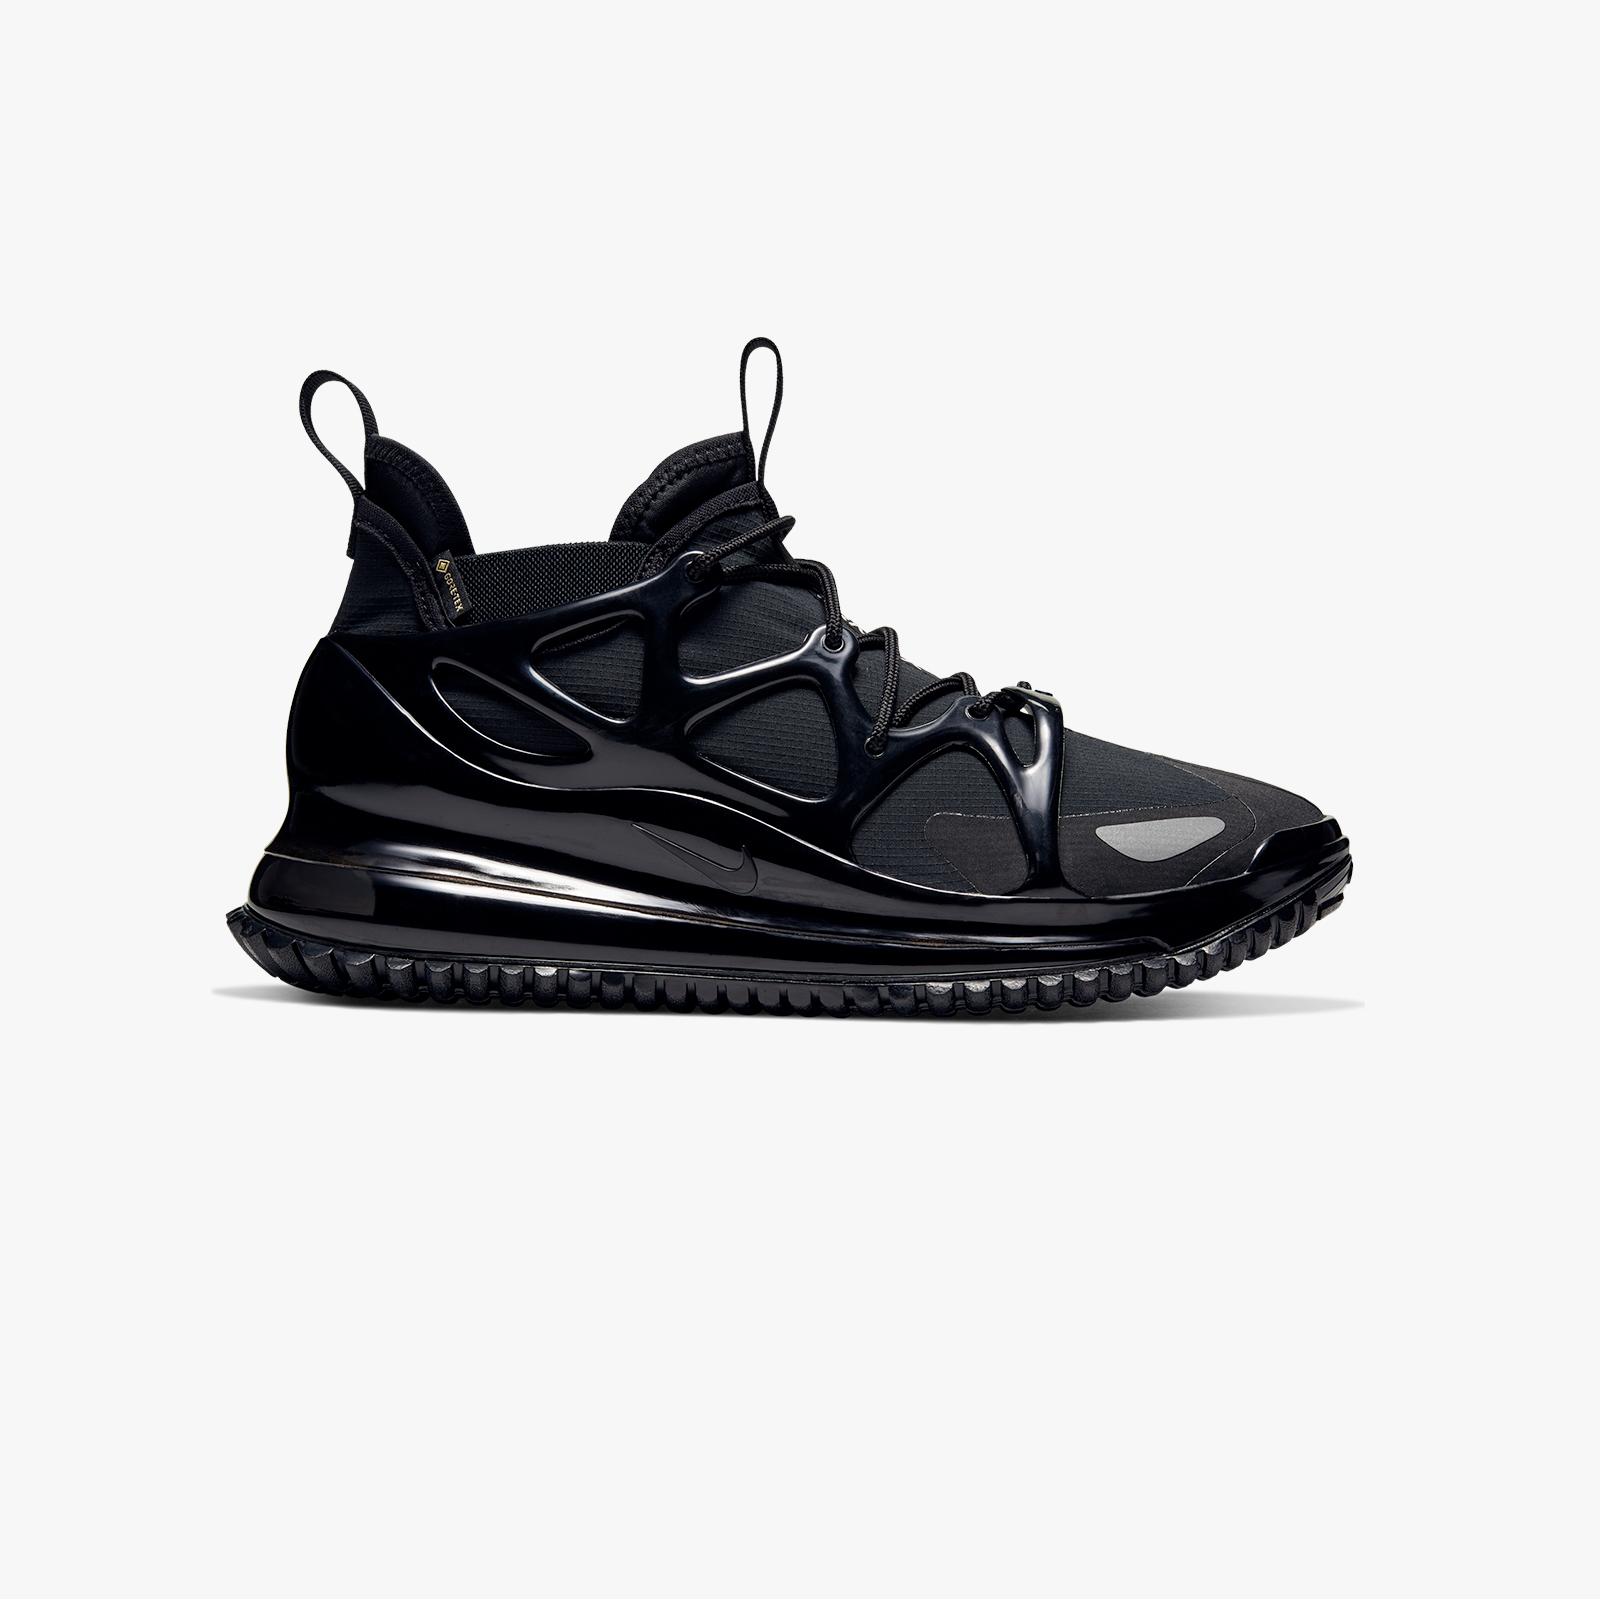 Nike Air Max 720 Horizon - Bq5808-002